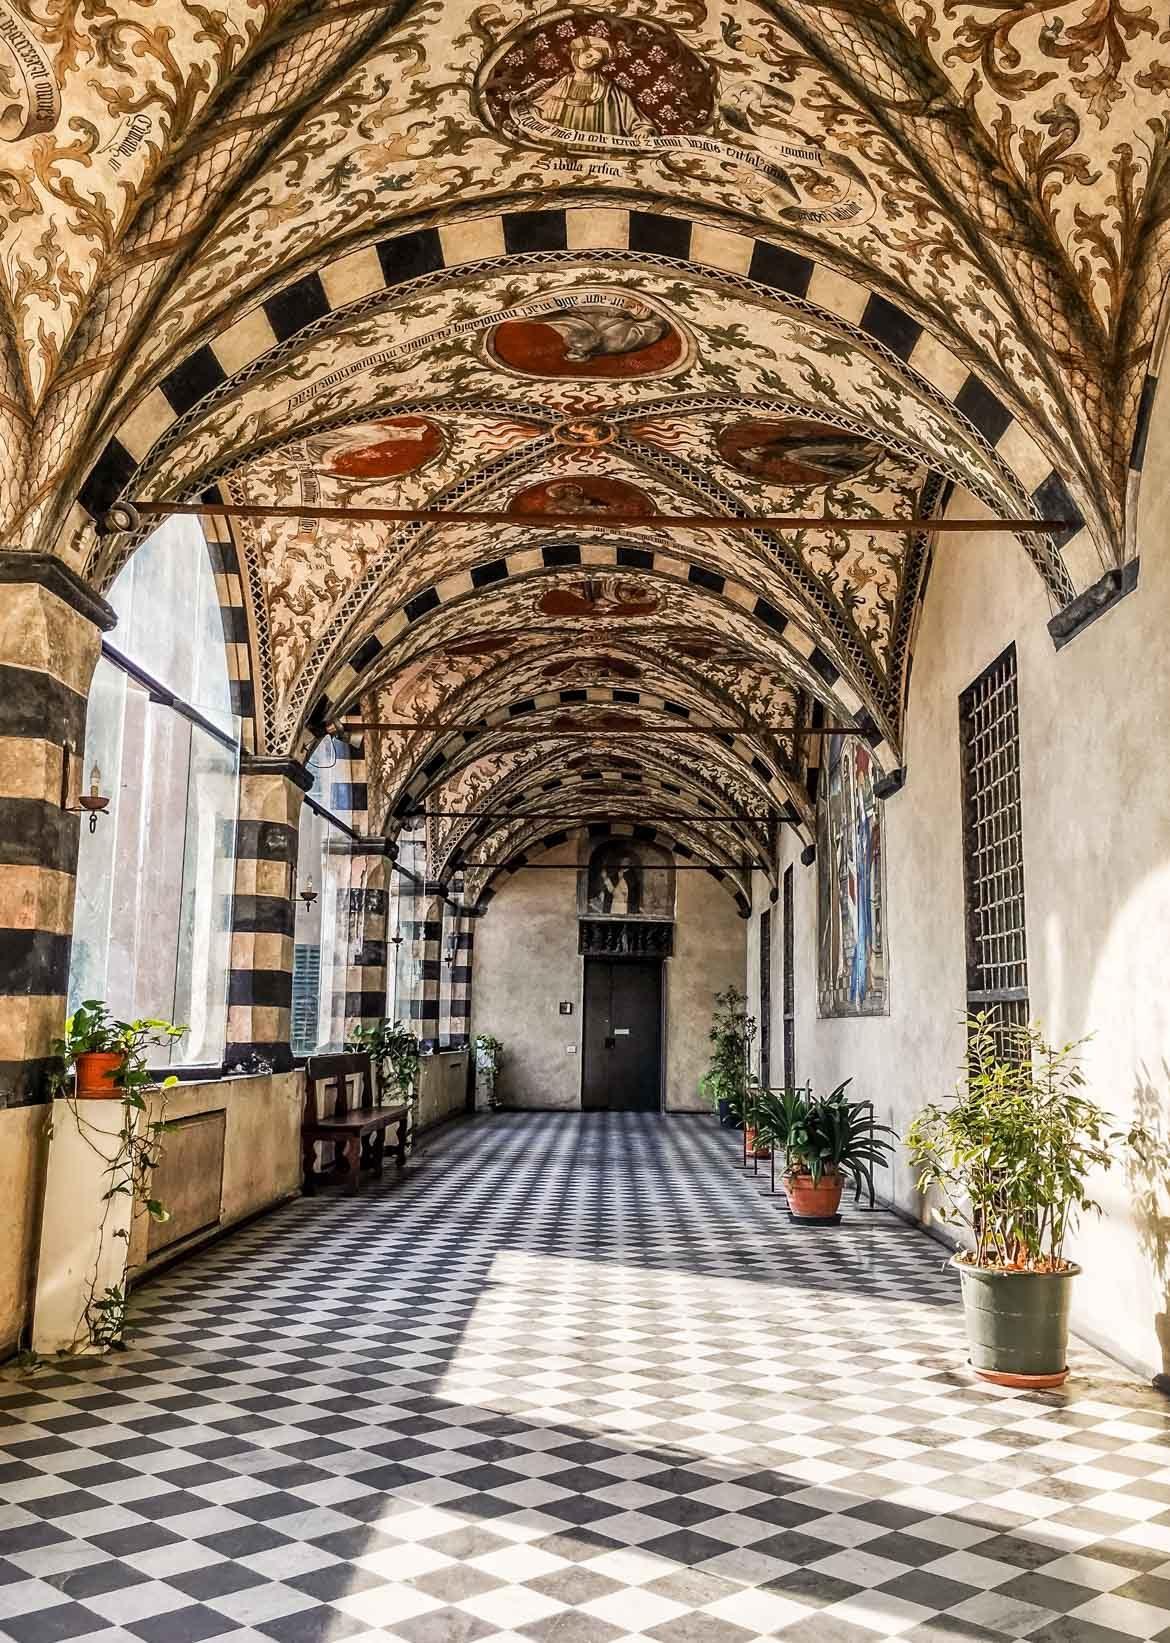 Letto A Castello A Genova.Itinerario Insolito Nel Centro Storico Di Genova In Viaggio Con Monica